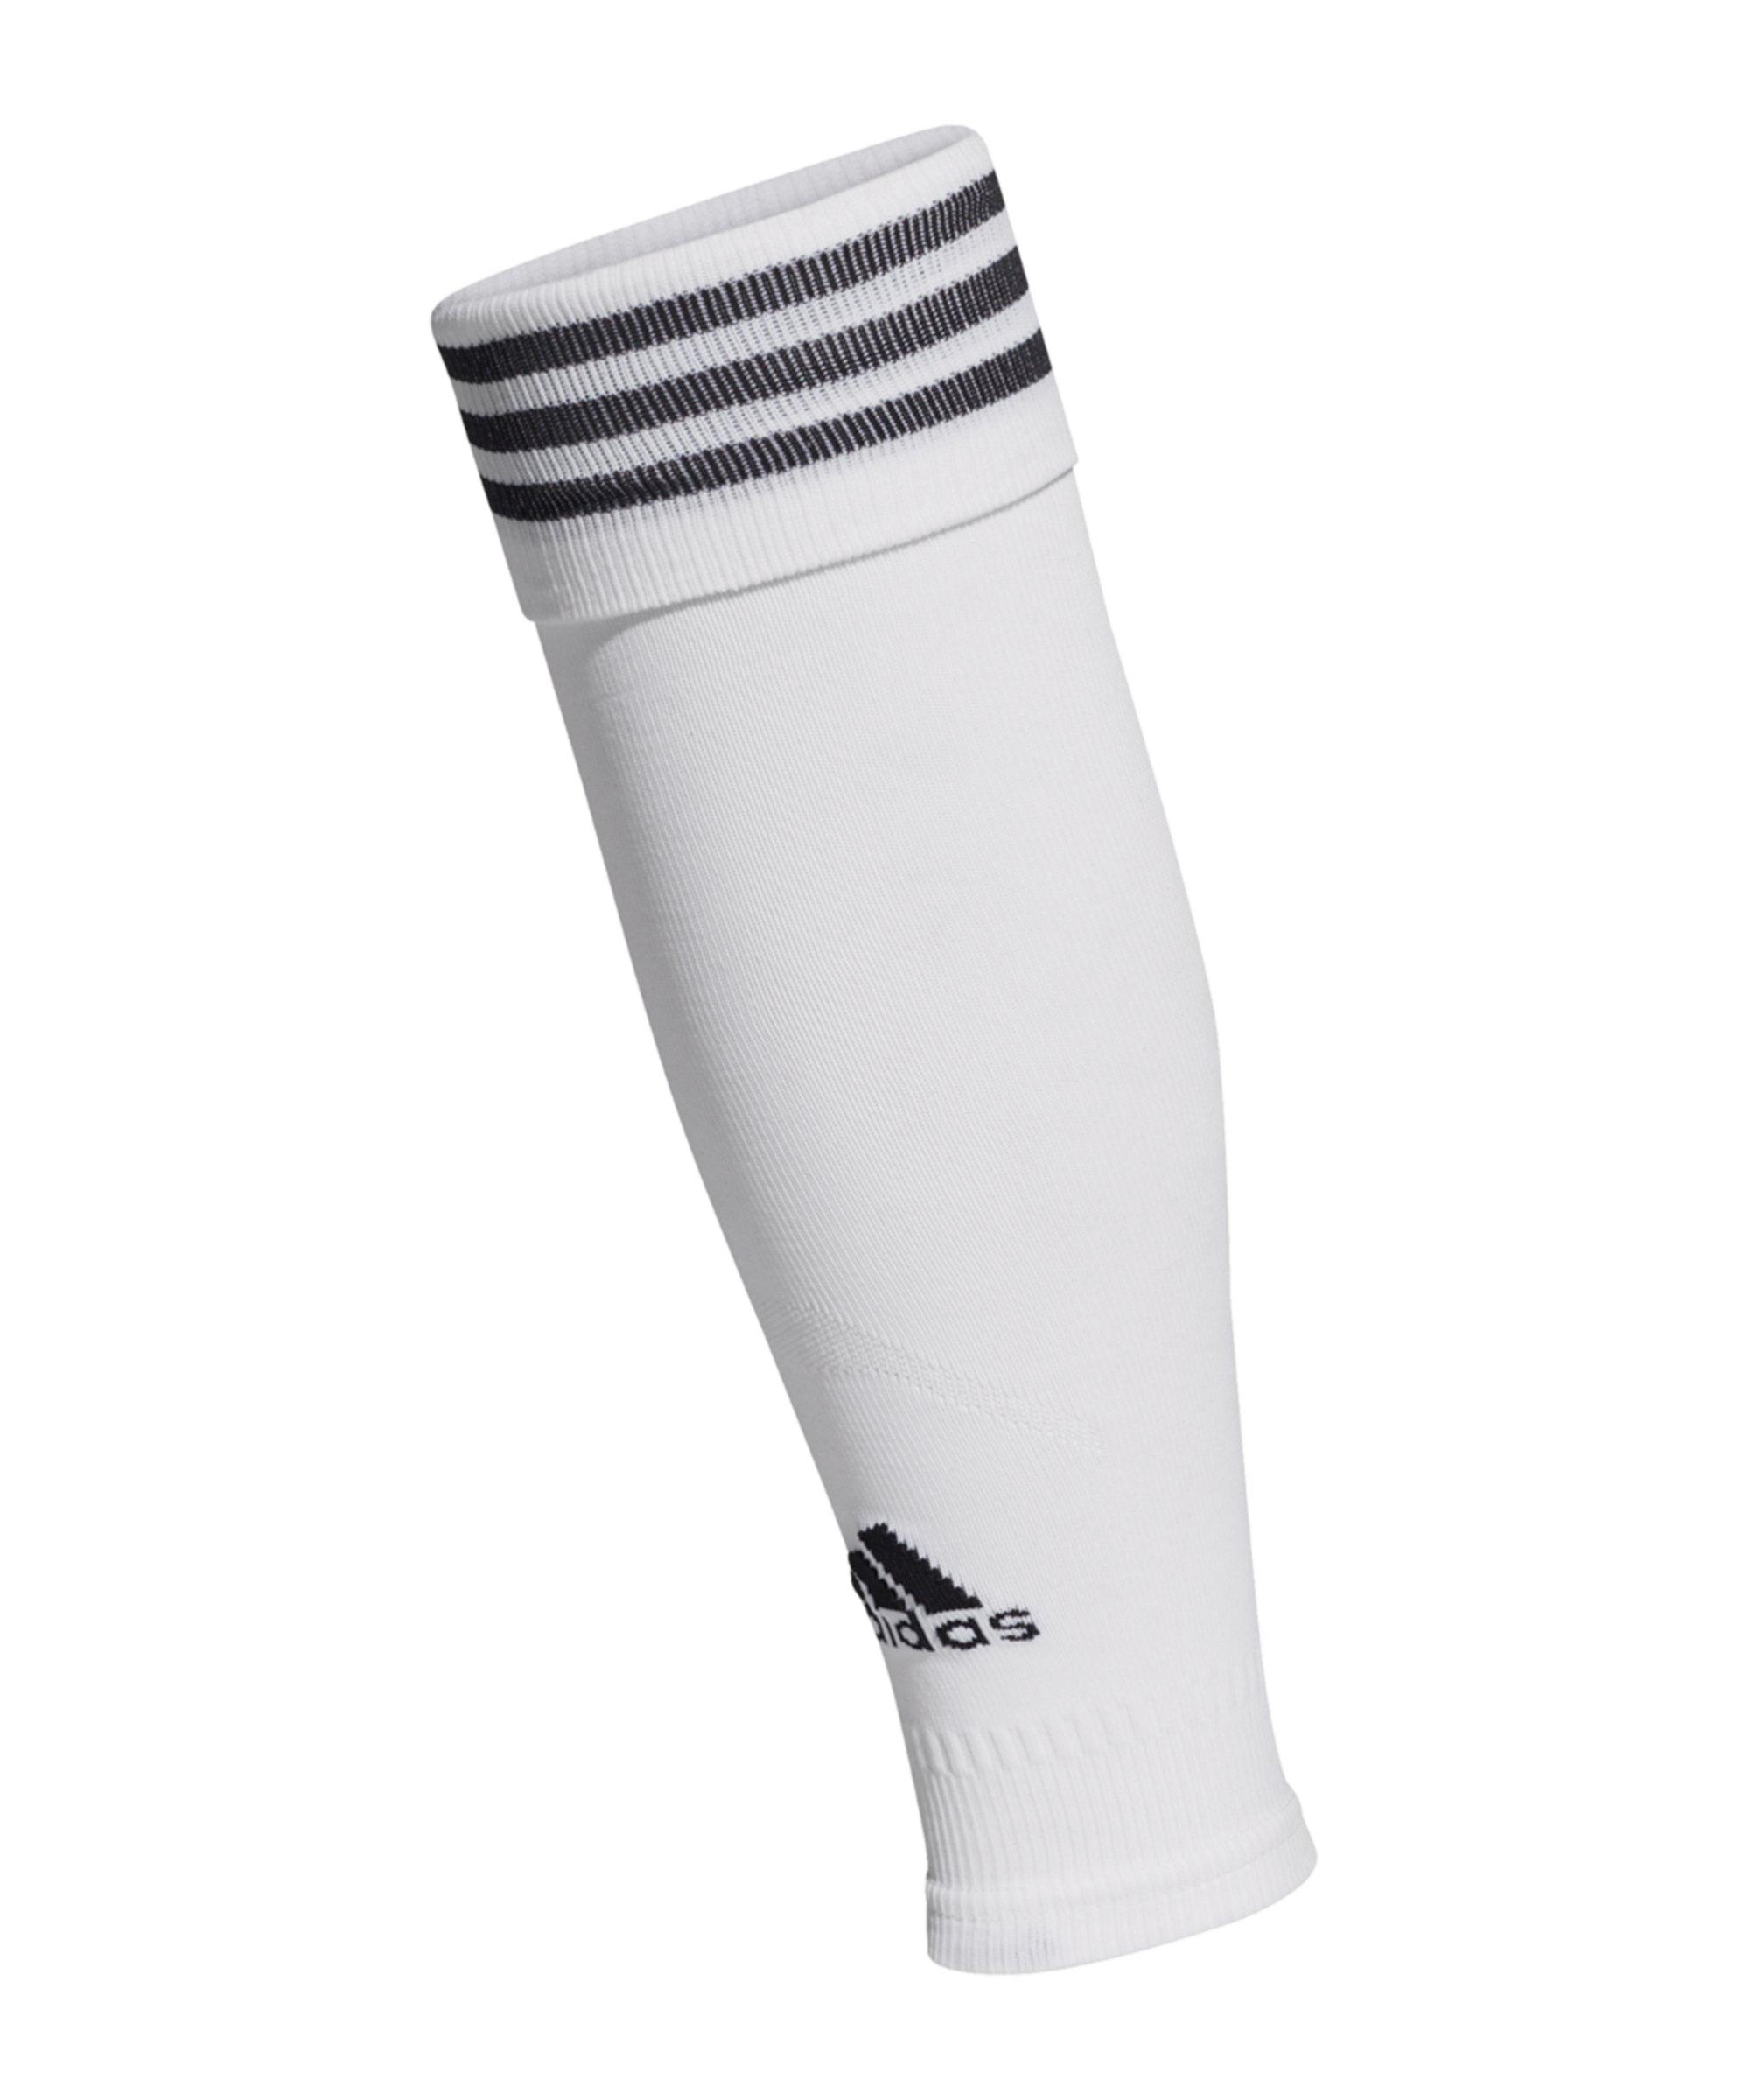 adidas Compression Sleeve Weiss Schwarz - weiss